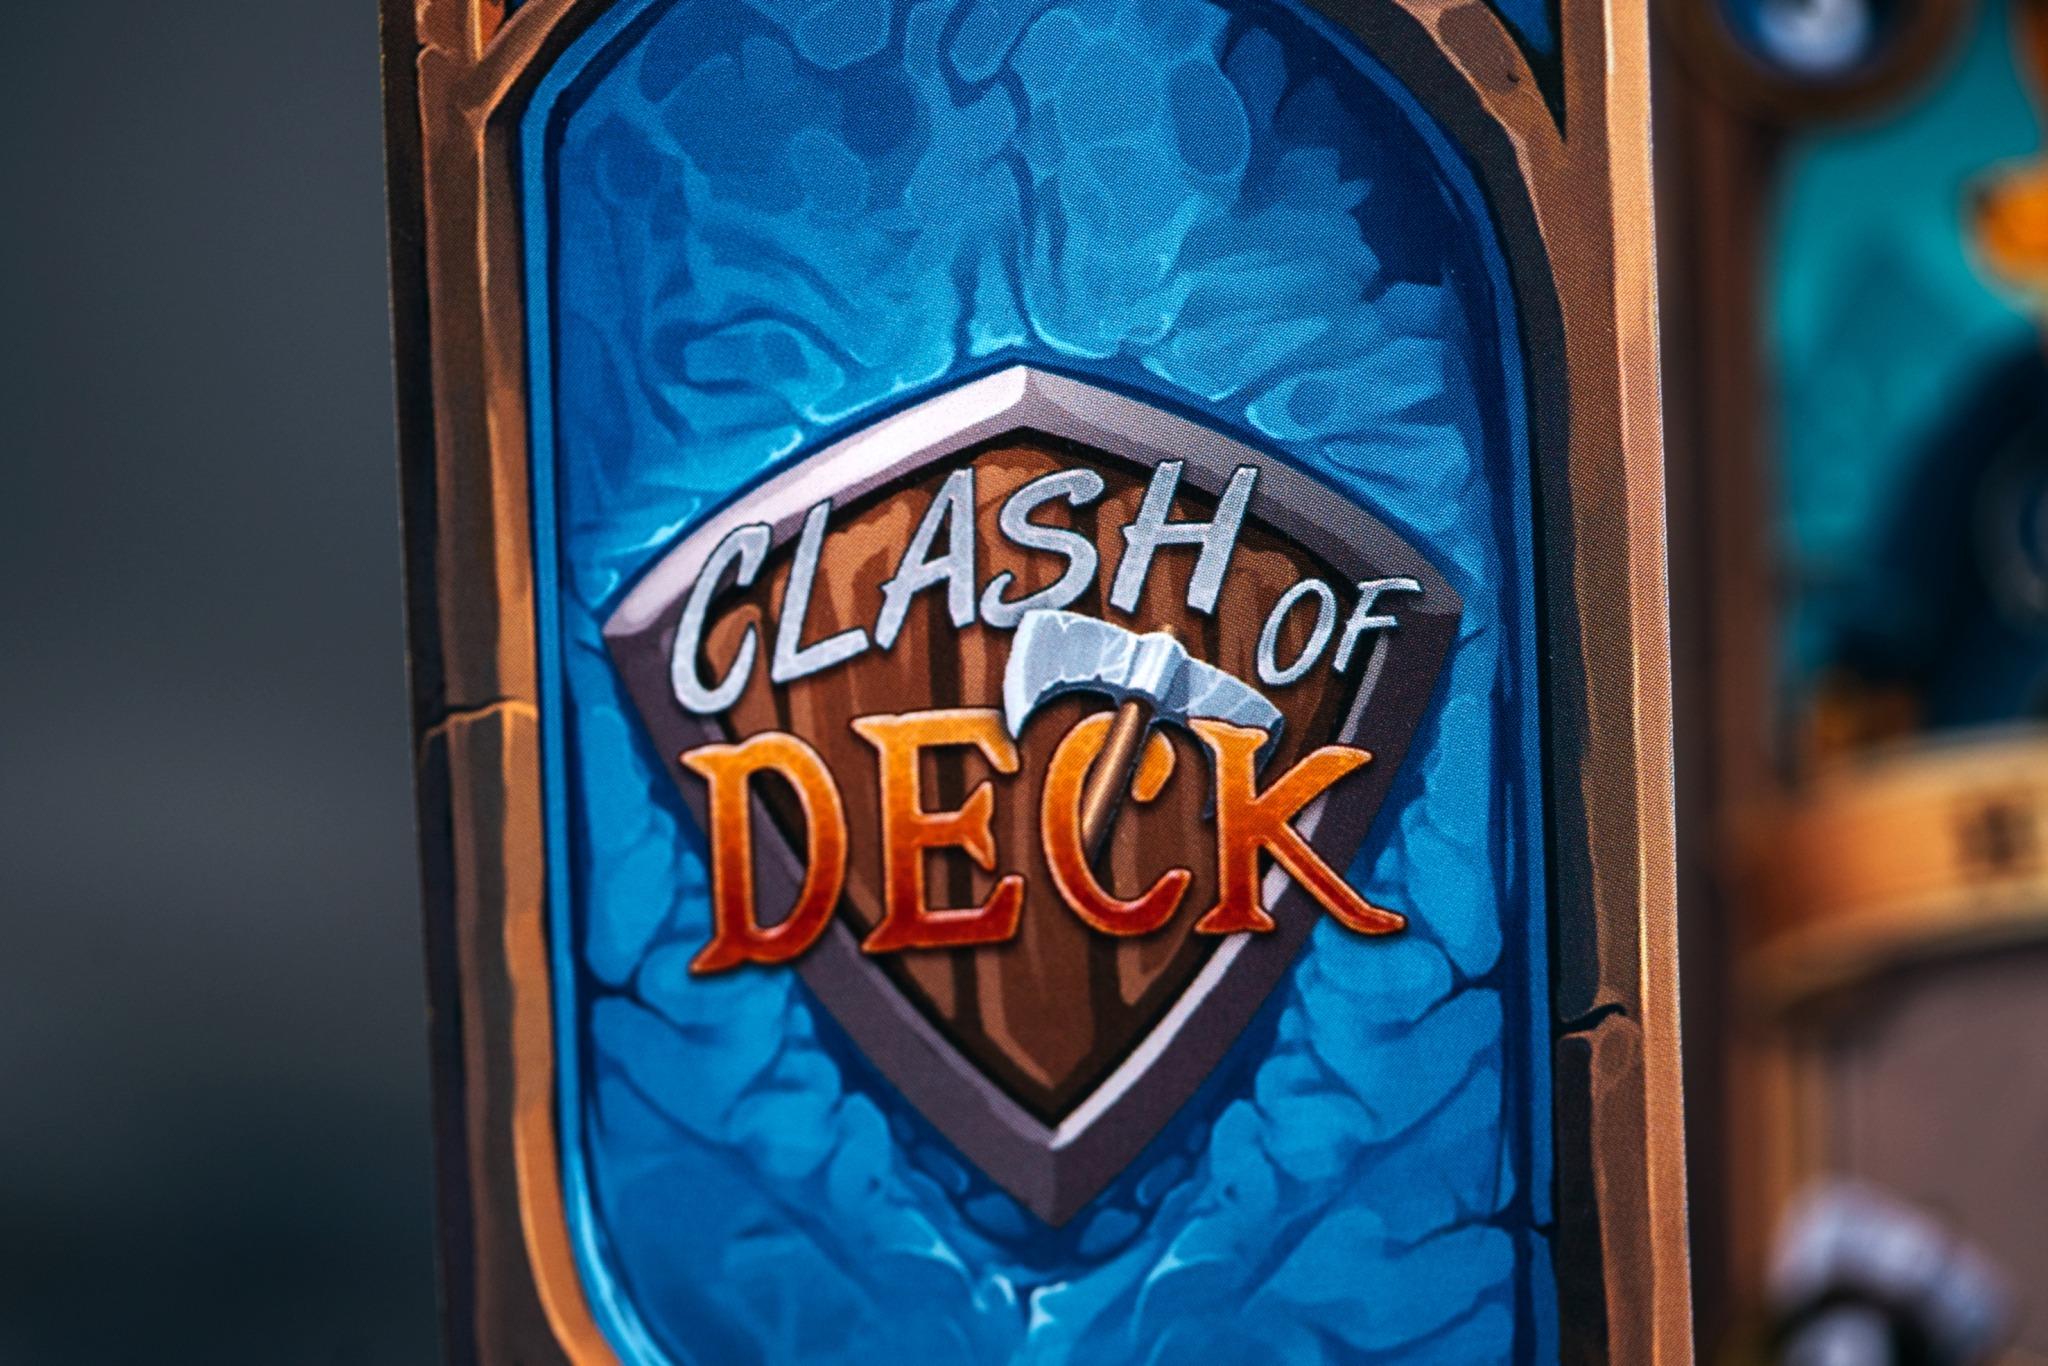 Clash of deck grammes editions jeu de société